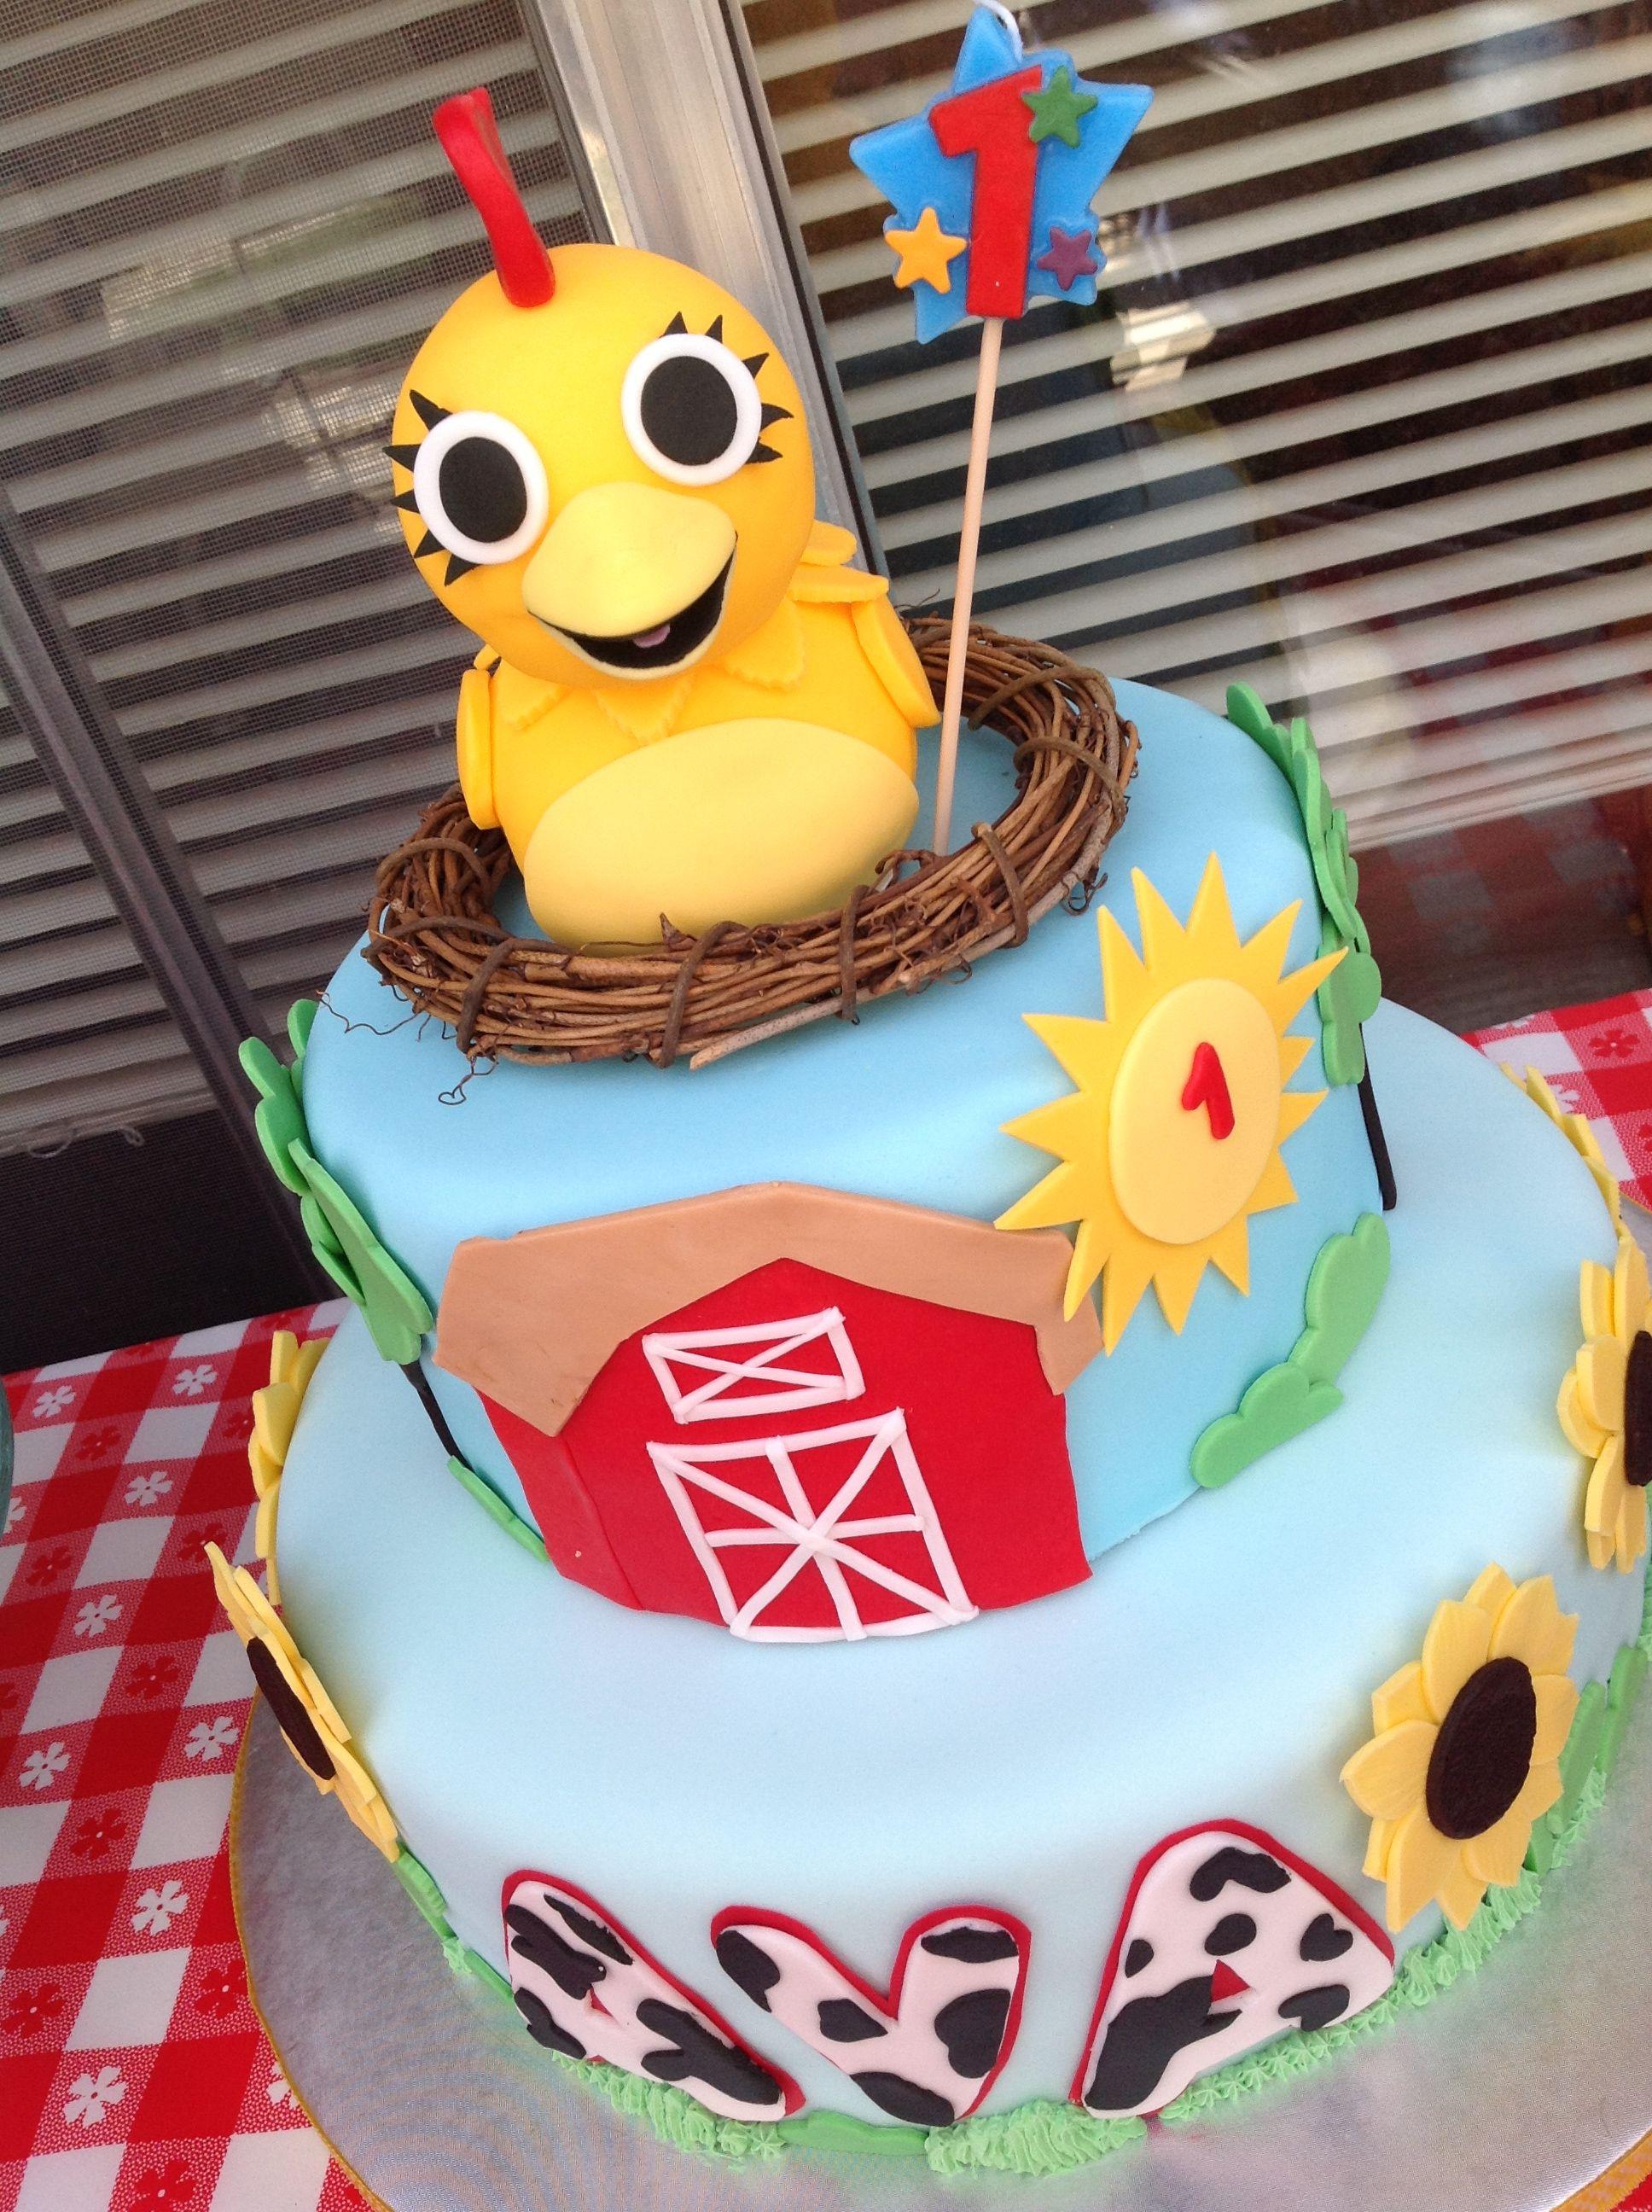 Chica Birthday Cake 1st Bday Pinterest